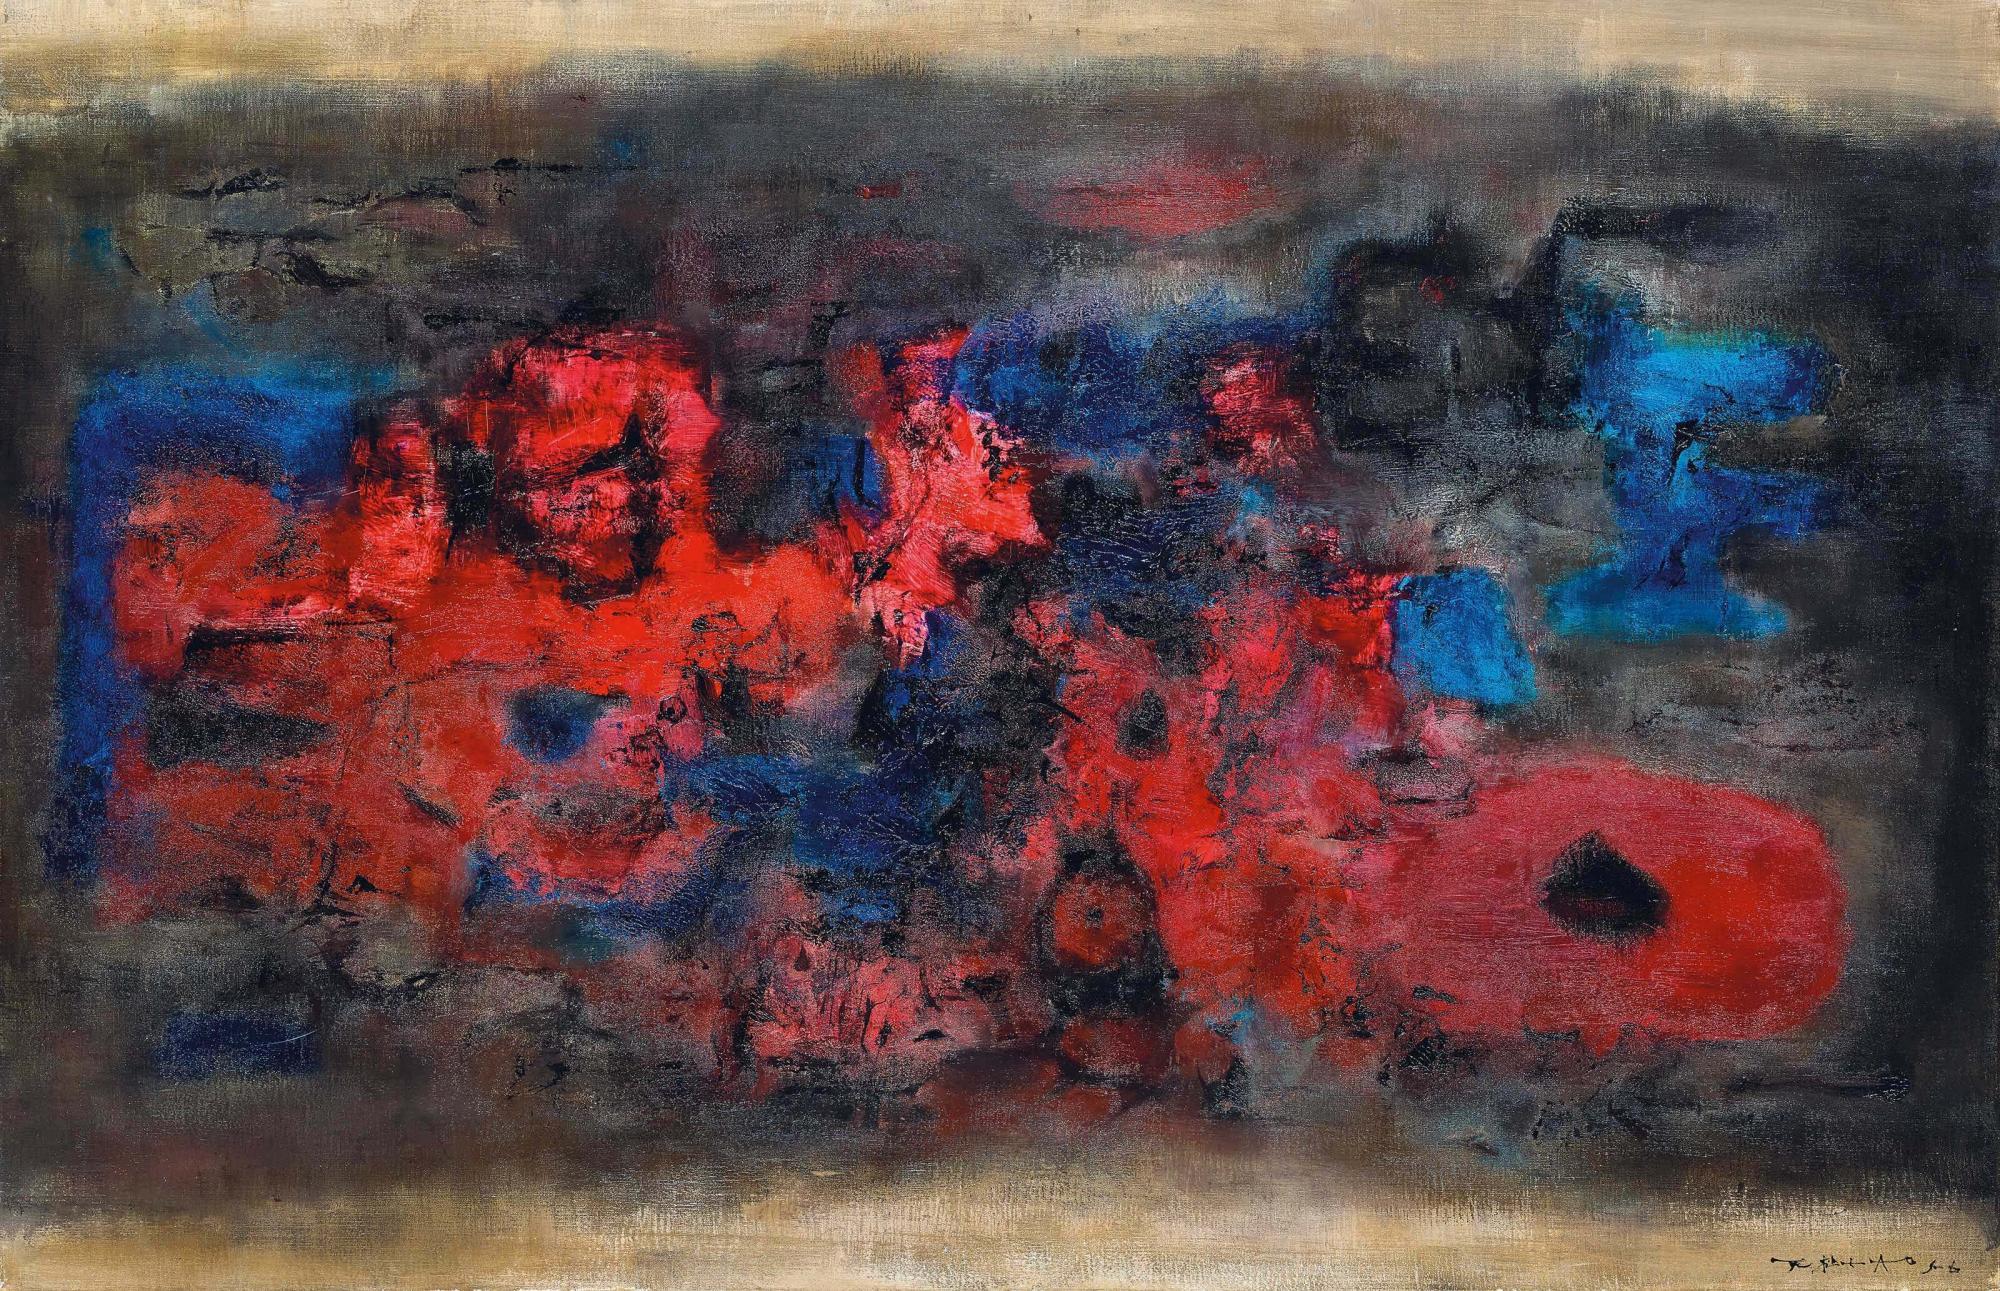 趙無極 (1920-2013) 《甦醒的城市》 油彩 畫布 65 x 100.2 公分 (25 5/8 x 39 1/2 吋) 1956 年作 港幣30,000,000 – 40,000,000 / 美元3,900,000 – 5,100,000